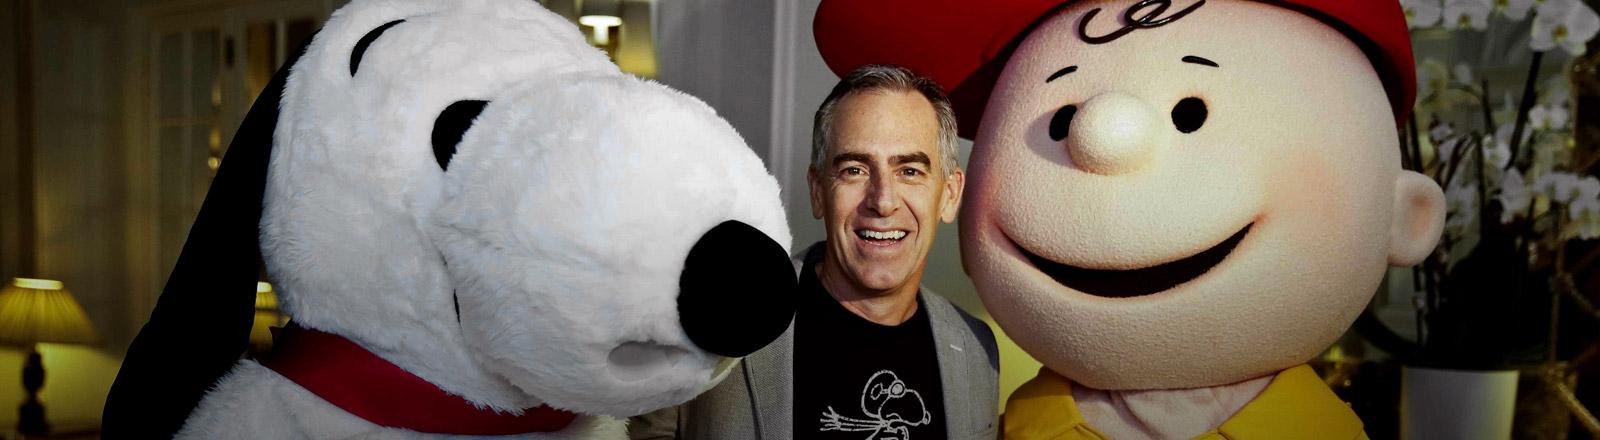 Regisseur Steve Martino mit den Figuren Snoopy und Charlie Brown